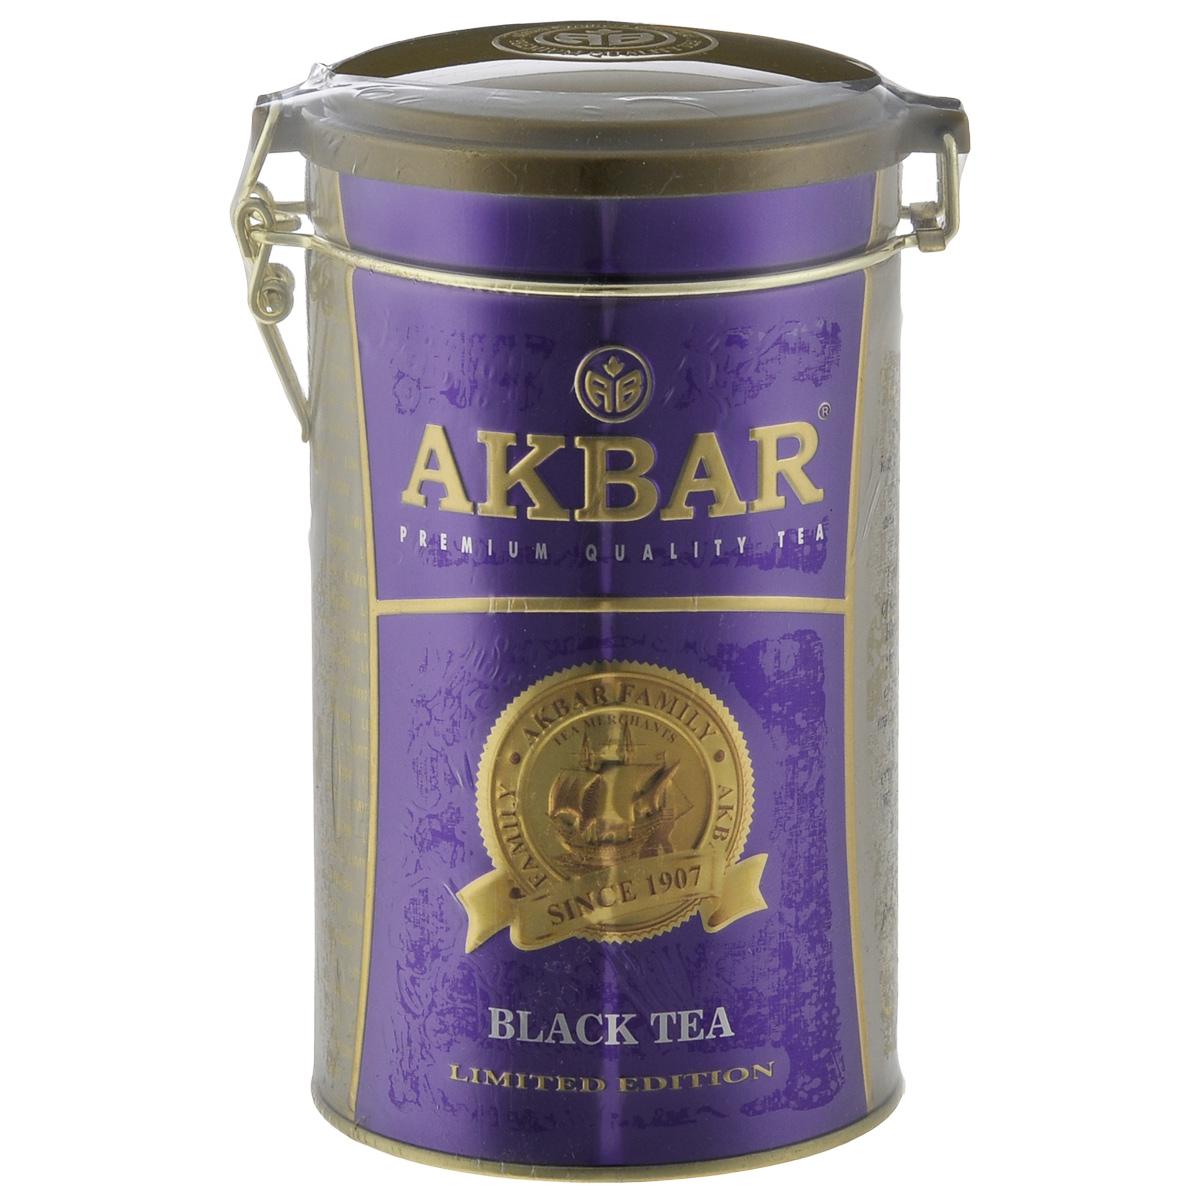 Akbar 100 Years черный листовой чай, 150 г1042027Крупнолистовой, обладающий неповторимым вкусом, душистый чай Akbar 100 Years Purple выращивается без использования химических удобрений всего лишь на нескольких элитных равнинных чайных плантациях, расположенных в цейлонских провинциях Ruhuna и Sabaragamuwa, на высоте не более 1500 футов над уровнем моря.